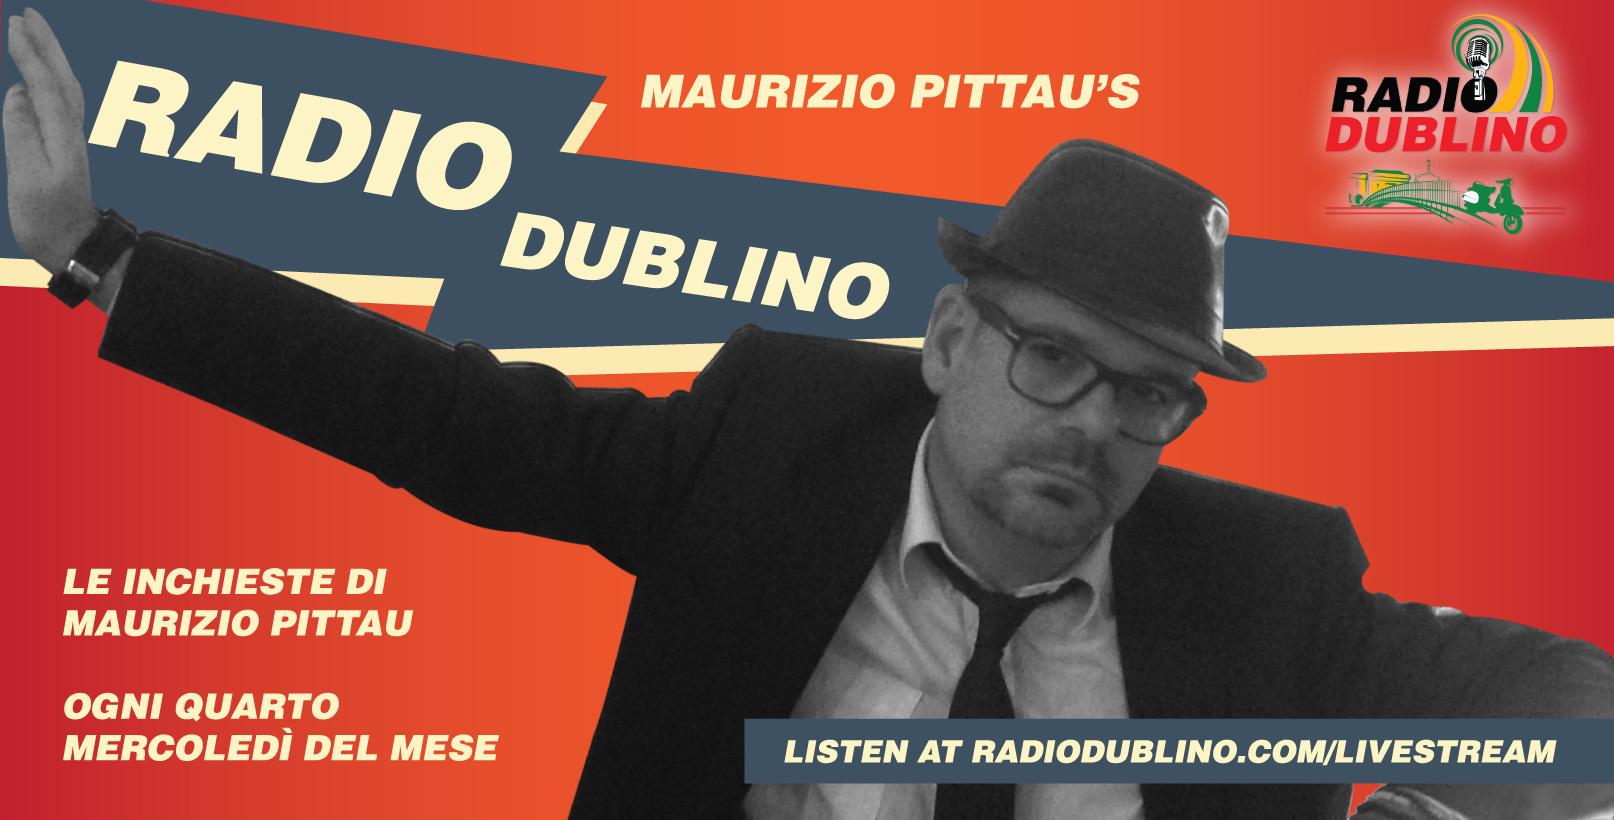 Inchieste di Maurizio Pittau